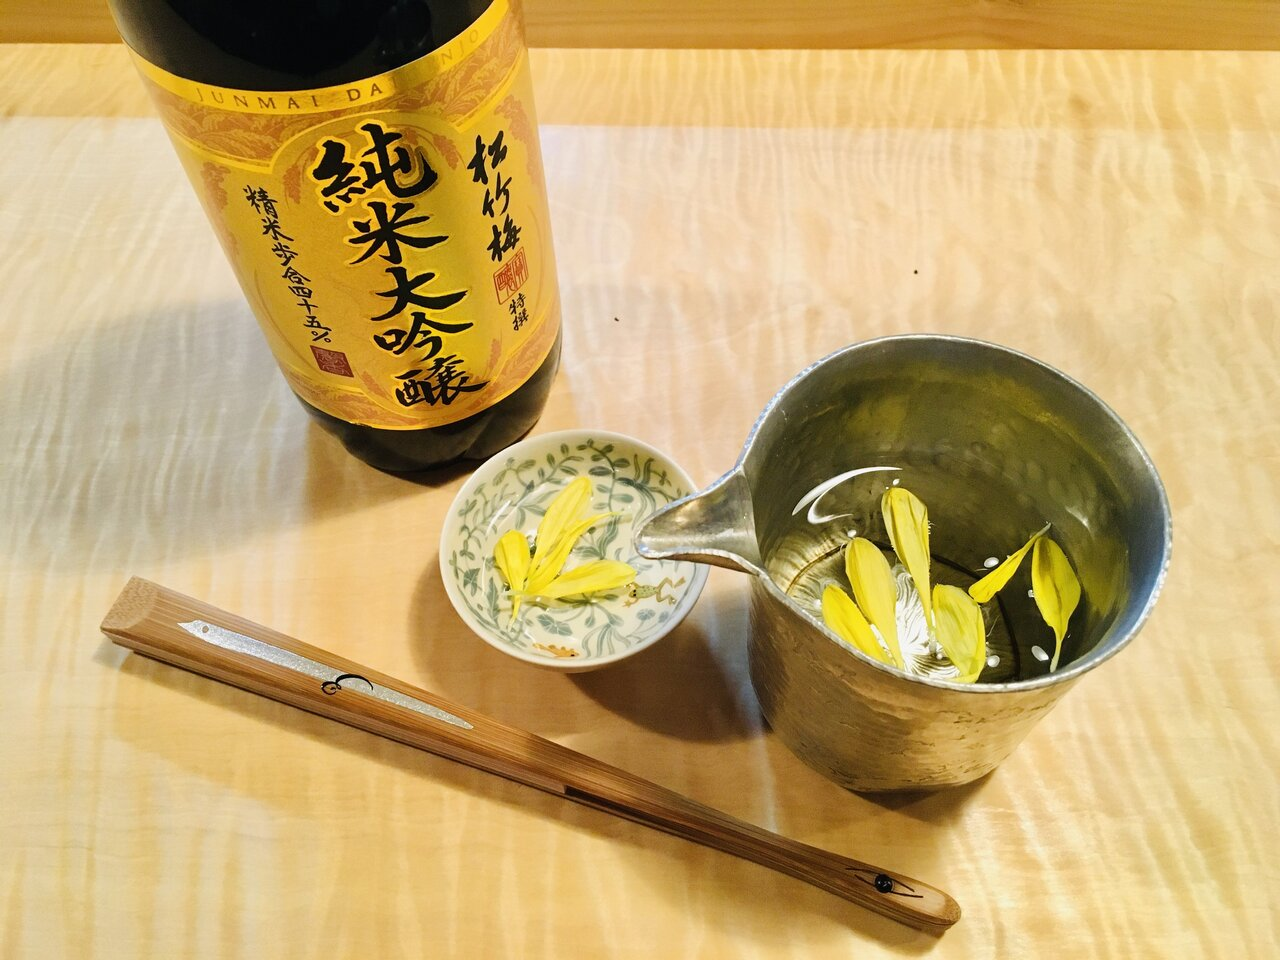 「重陽の節句」を前に、京都の老舗扇子屋の主人が菊酒を楽しむ噺